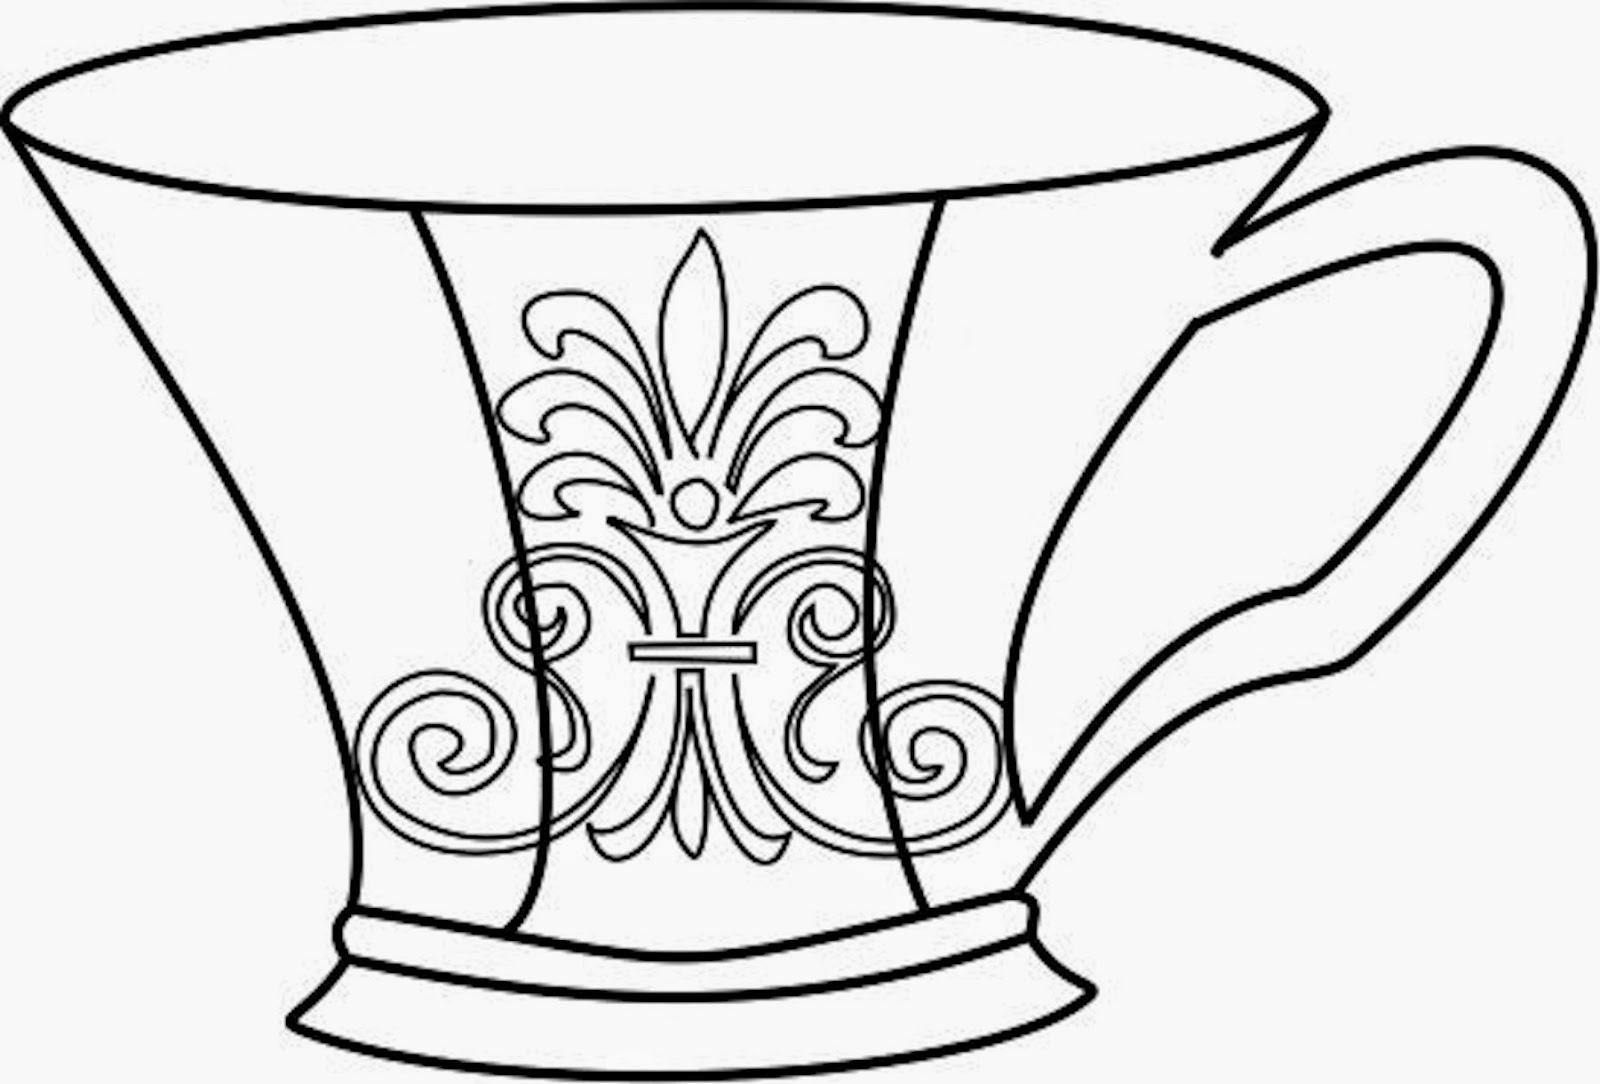 http://4.bp.blogspot.com/-pGOgY0Rsx4o/VACbj3wC24I/AAAAAAAAMjU/bDJ4K-485C0/s1600/teacupfleur.jpg